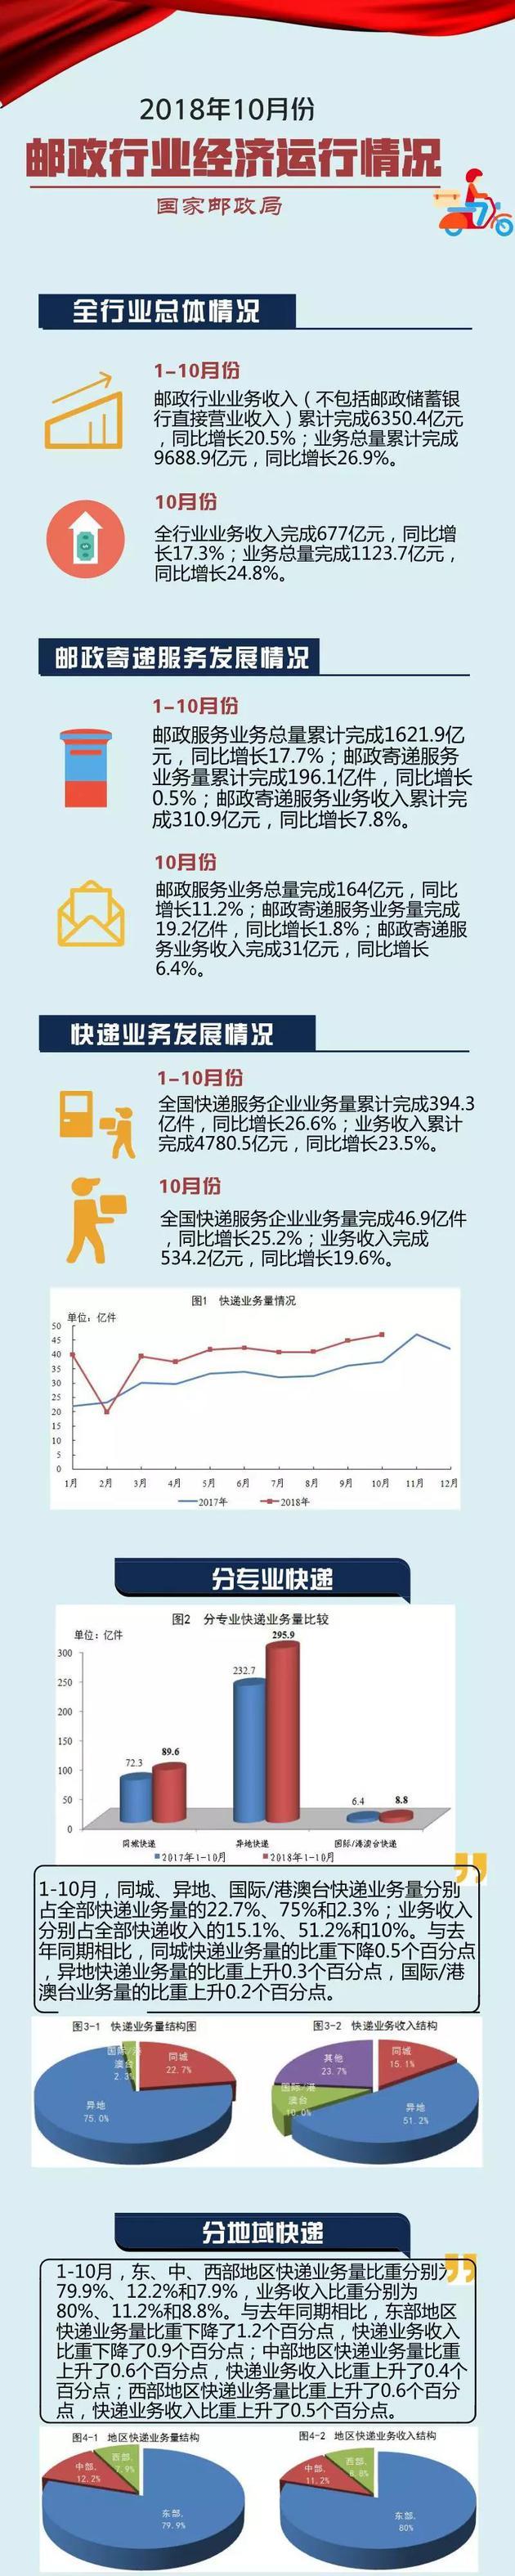 国家邮政局:10月全国快递业完成46.9亿件 同比增25%